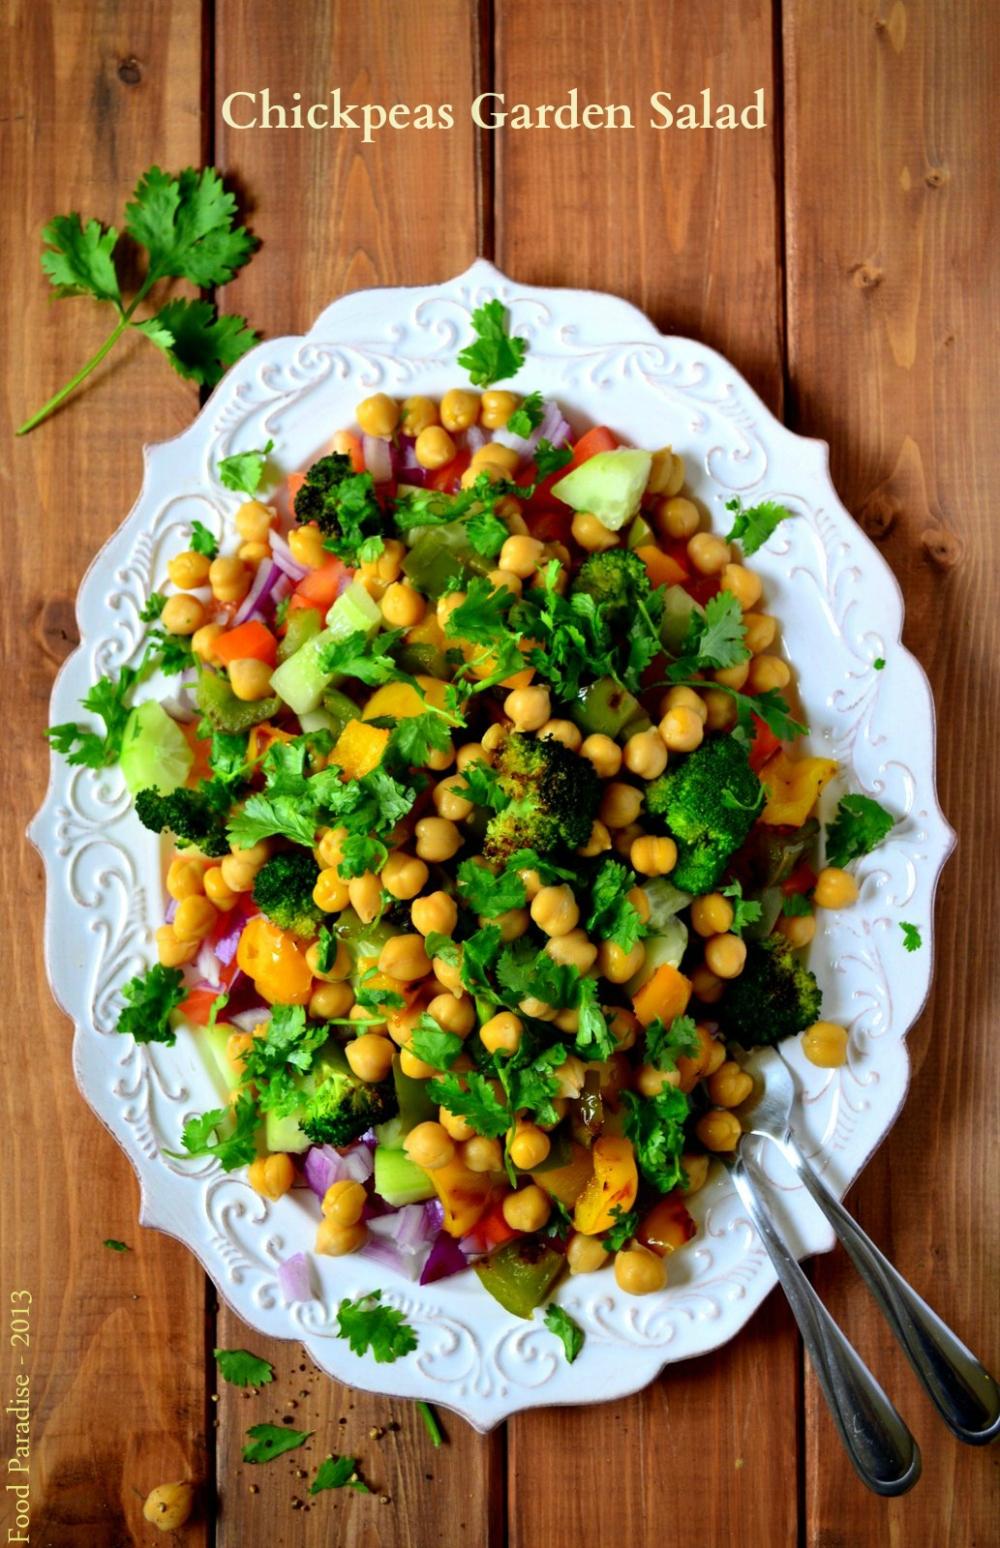 Chickpeas Garden Salad